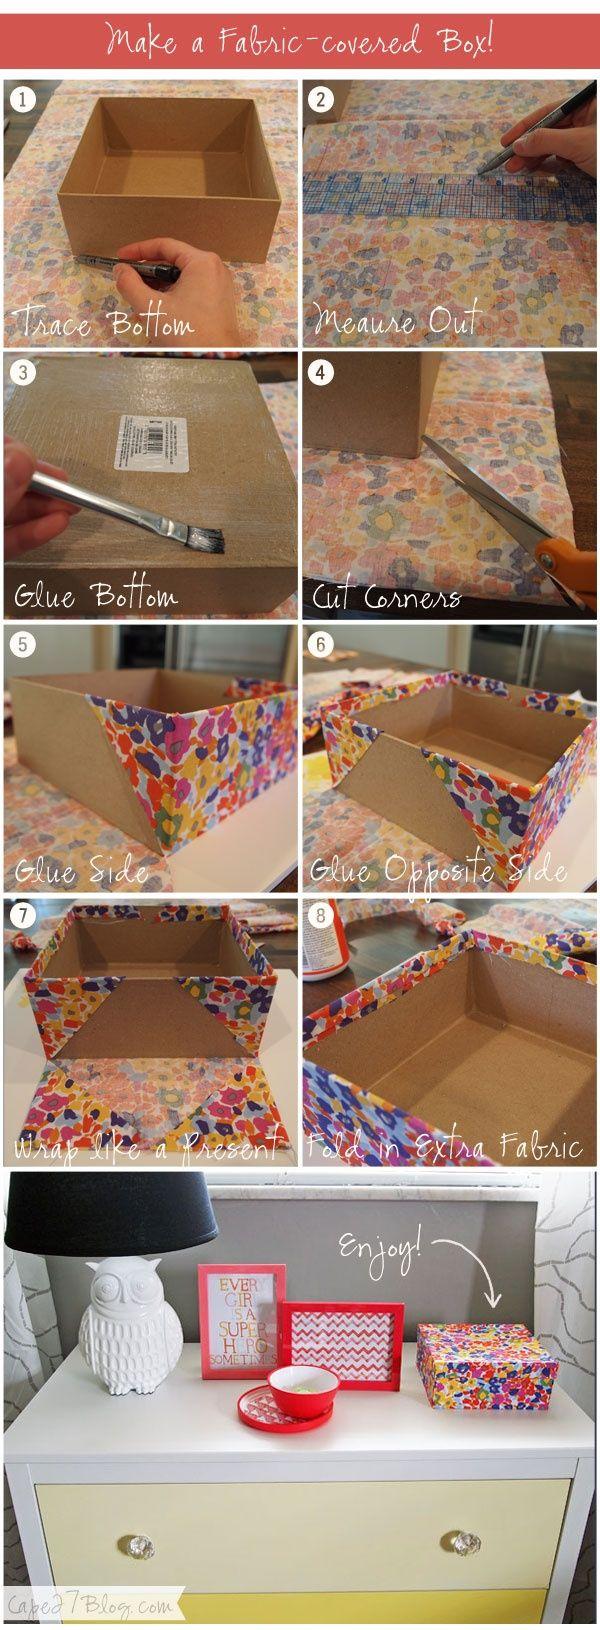 Technique Pour Recouvrir Une Boite Avec Du Tissu Boites Recouvertes De Tissu Boite Diy Et Toile Recouverte De Tissu